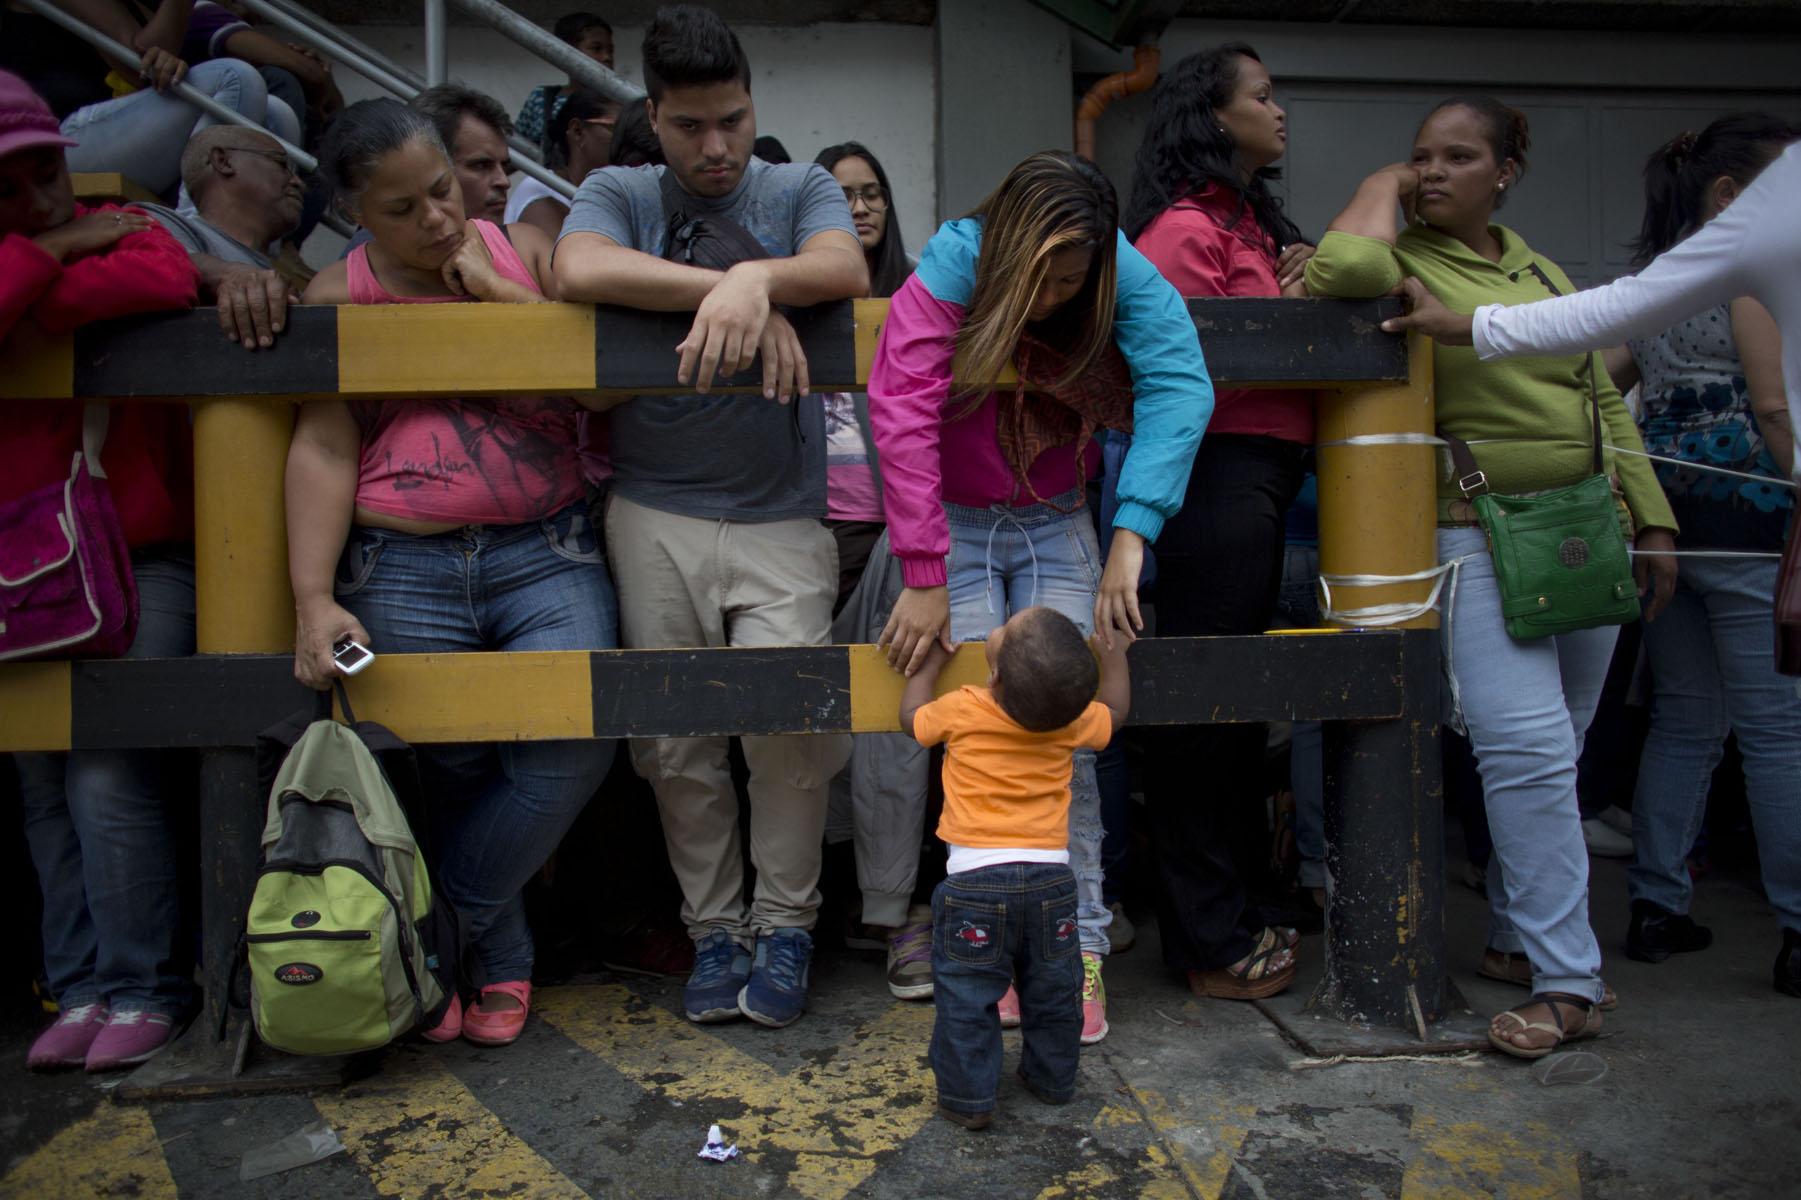 En esta fotografía del martes 3 de mayo de 2016, Madeley Vásquez, de 16 años, espera con su hijo de un año, Joangel, afuera de un supermercado de Caracas, Venezuela, para comprar comida. Joangel practicaba sus primeros pasos mientras llegaba el turno de su madre de hacer compras, que fueron dos bolsas de arroz y dos paquetes de papel sanitario. (AP Foto/Ariana Cubillos)